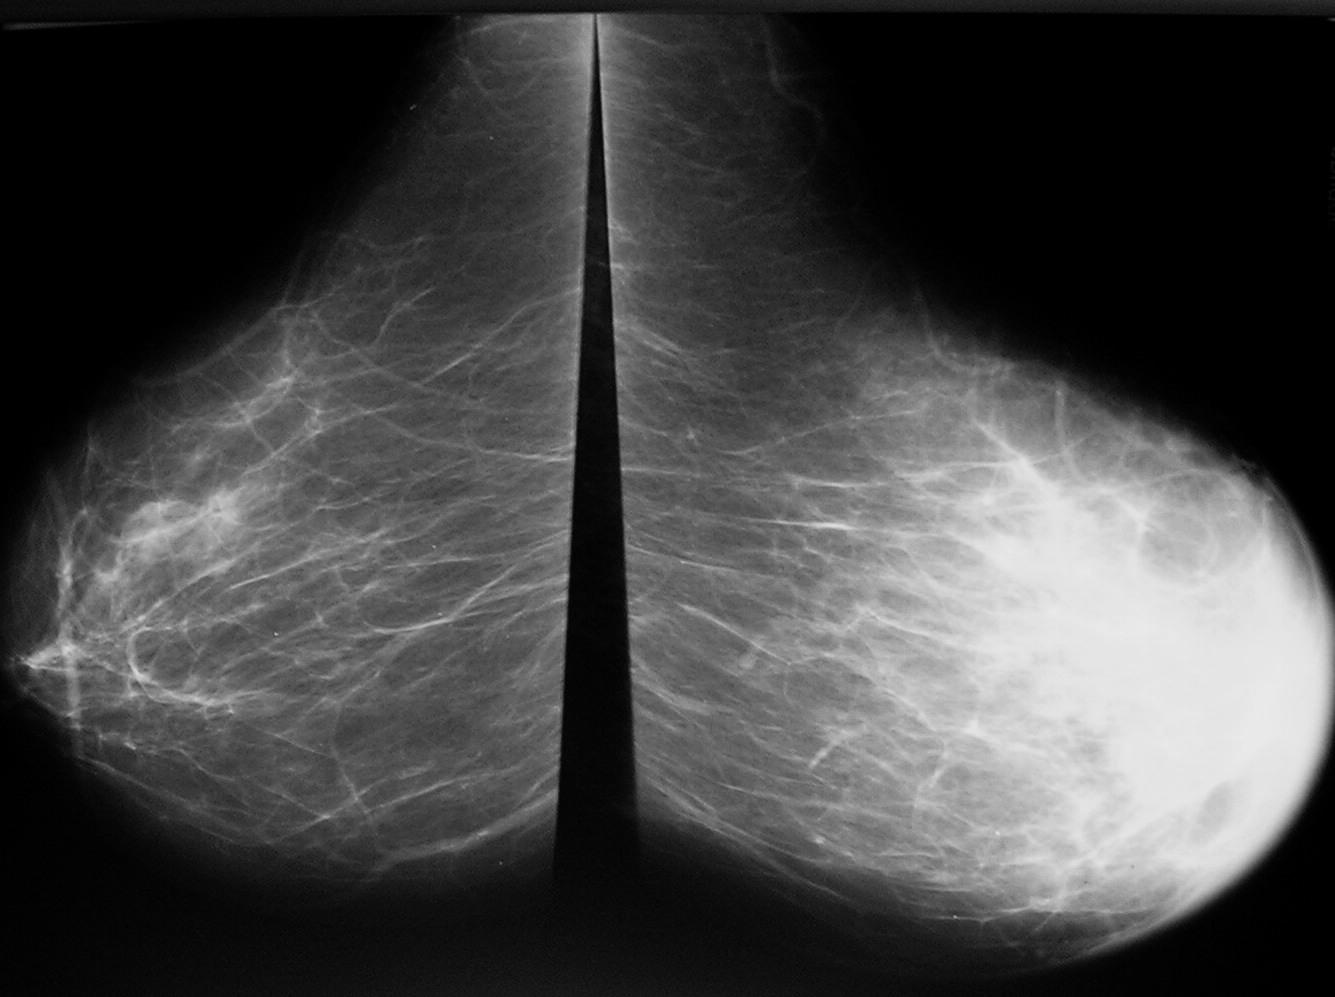 Kemik memesinin tedavisi: zor ama mümkün